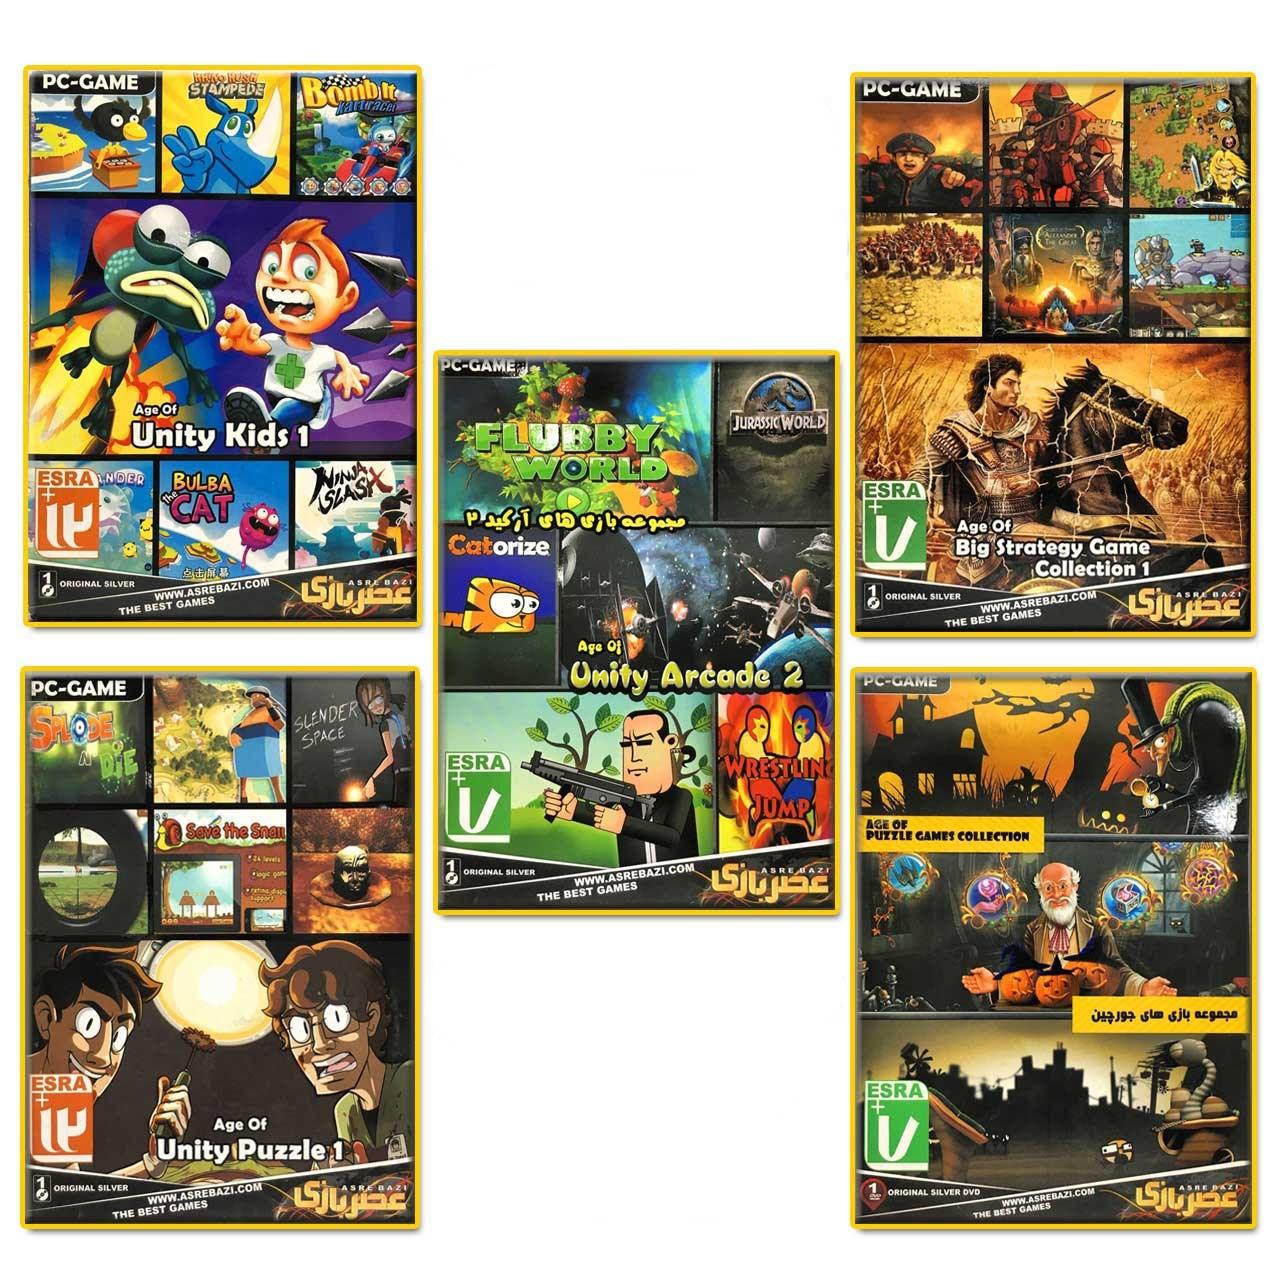 مجموعه بازی کامپیوتری Games Collection 1 عصربازی